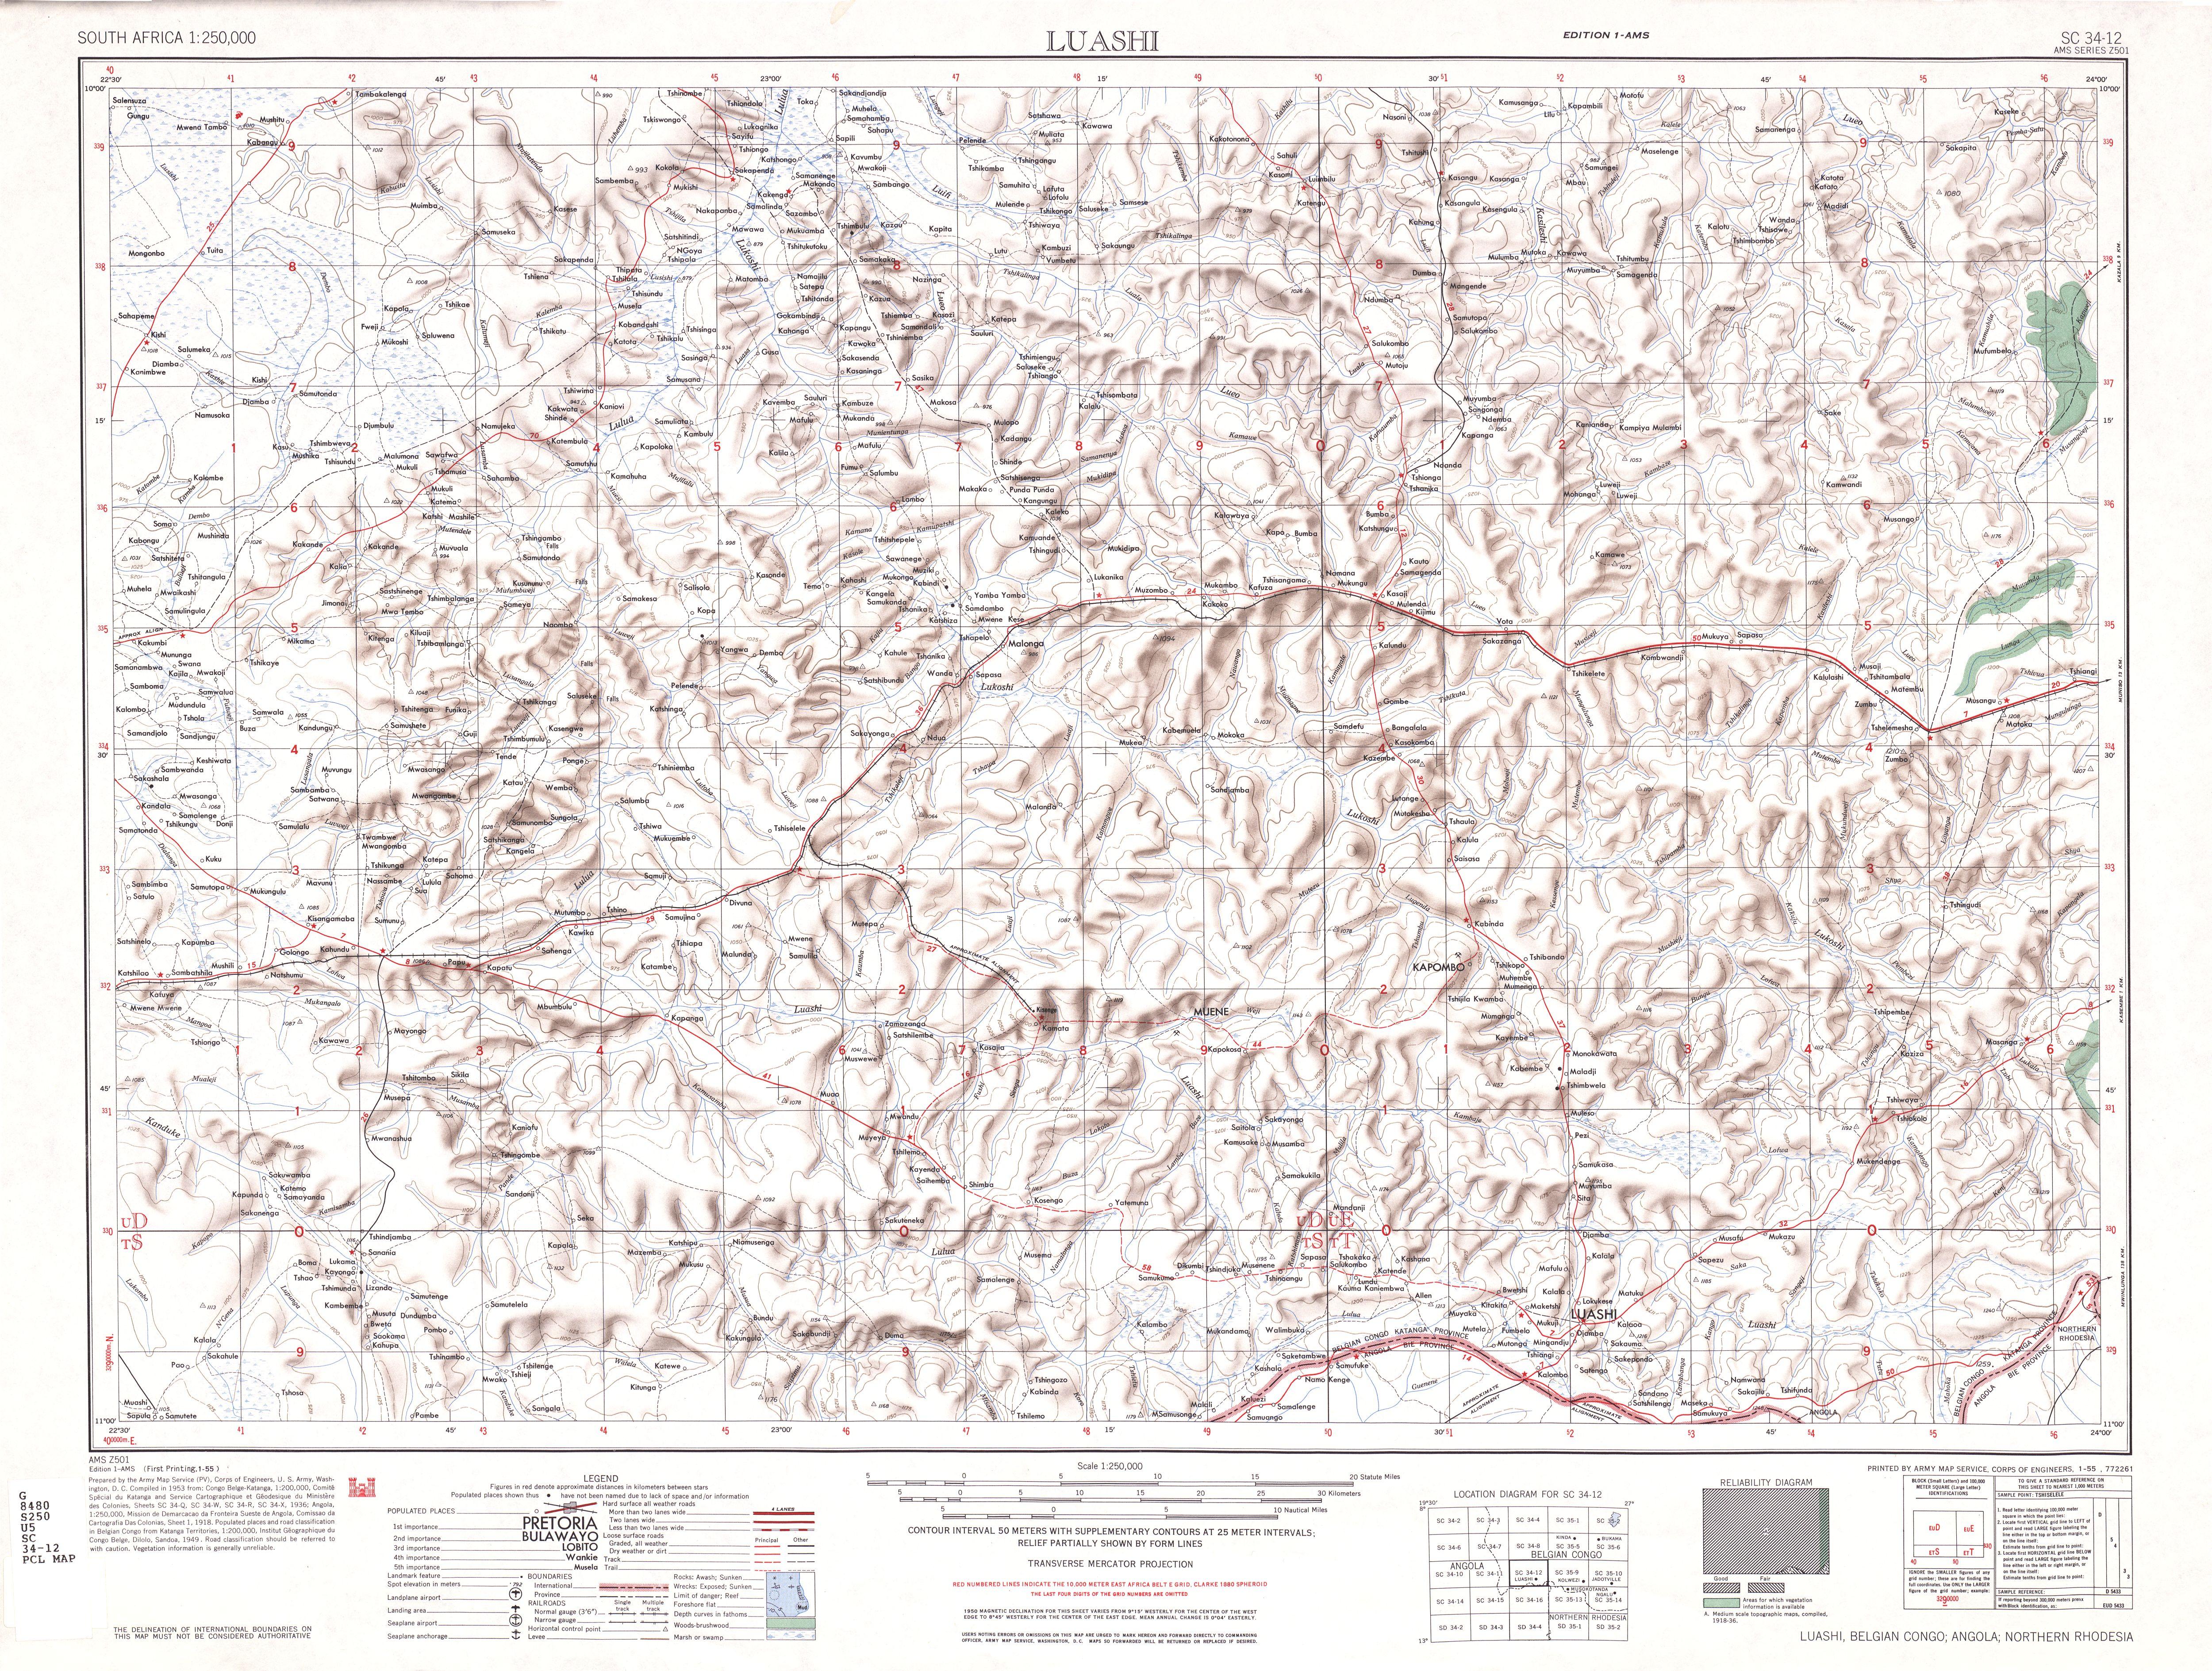 Hoja Luashi del Mapa Topográfico de África Meridional 1954